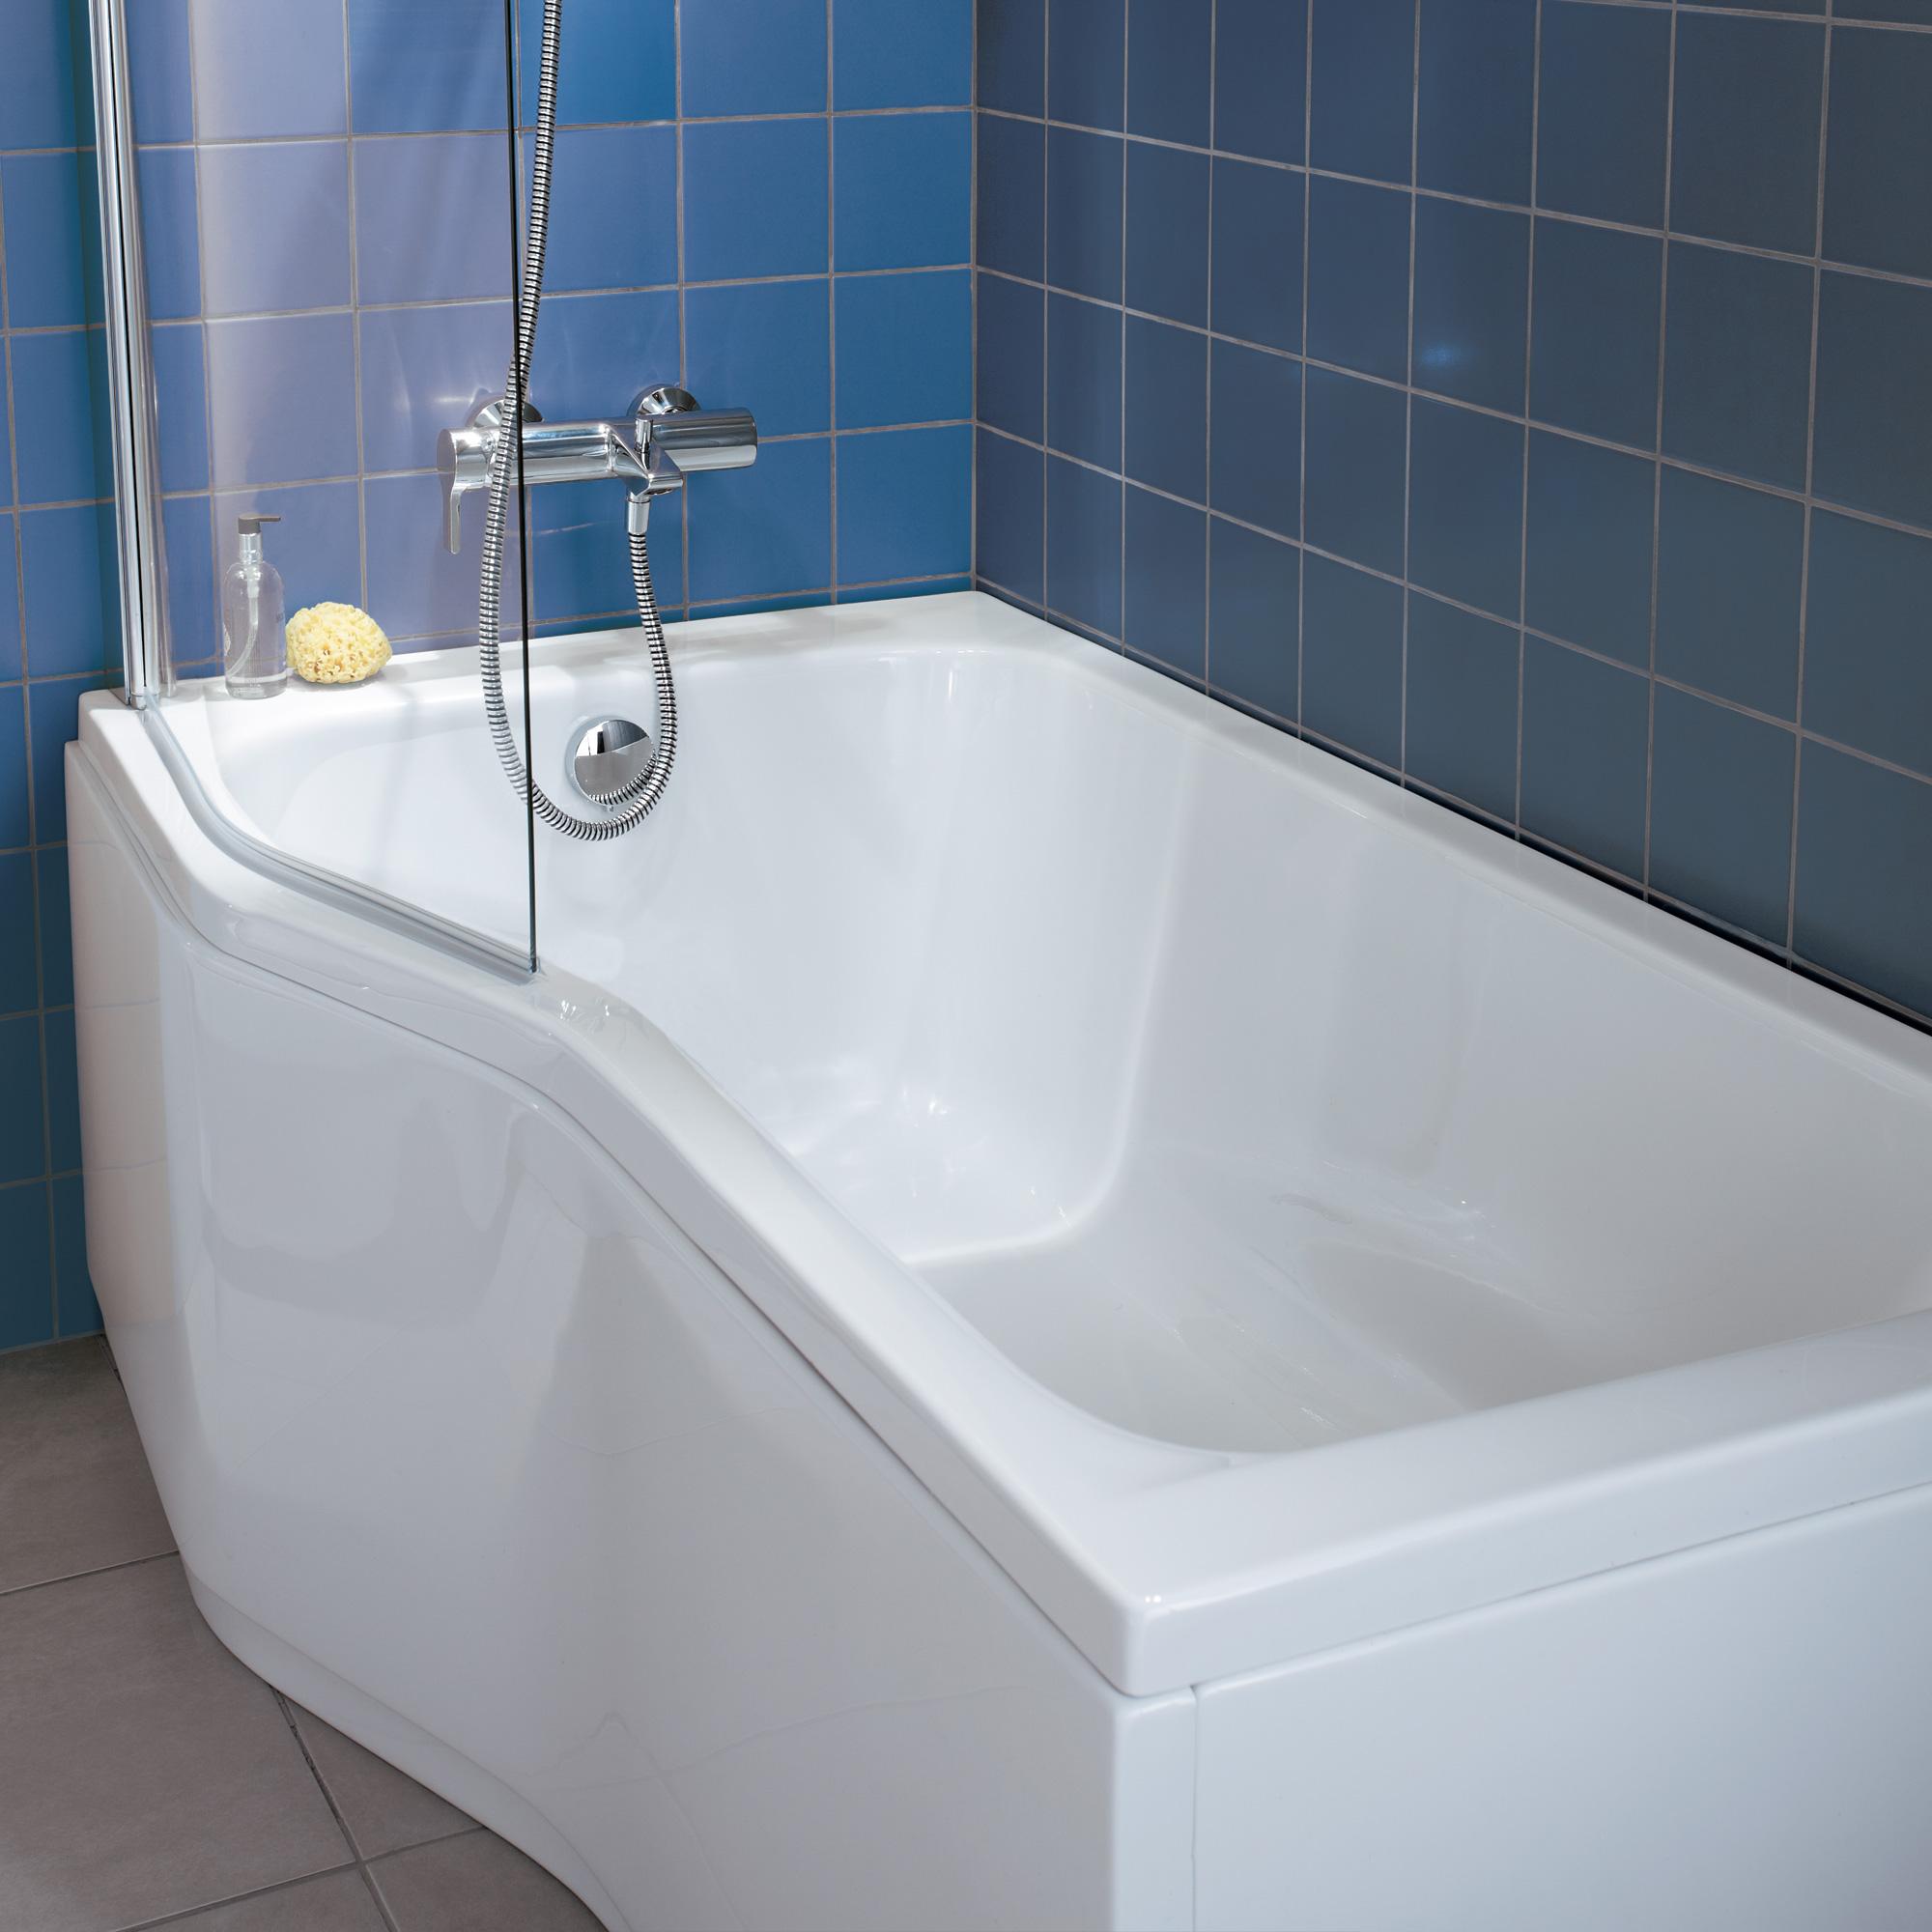 kombinierte badewanne mit dusche raum und m beldesign. Black Bedroom Furniture Sets. Home Design Ideas